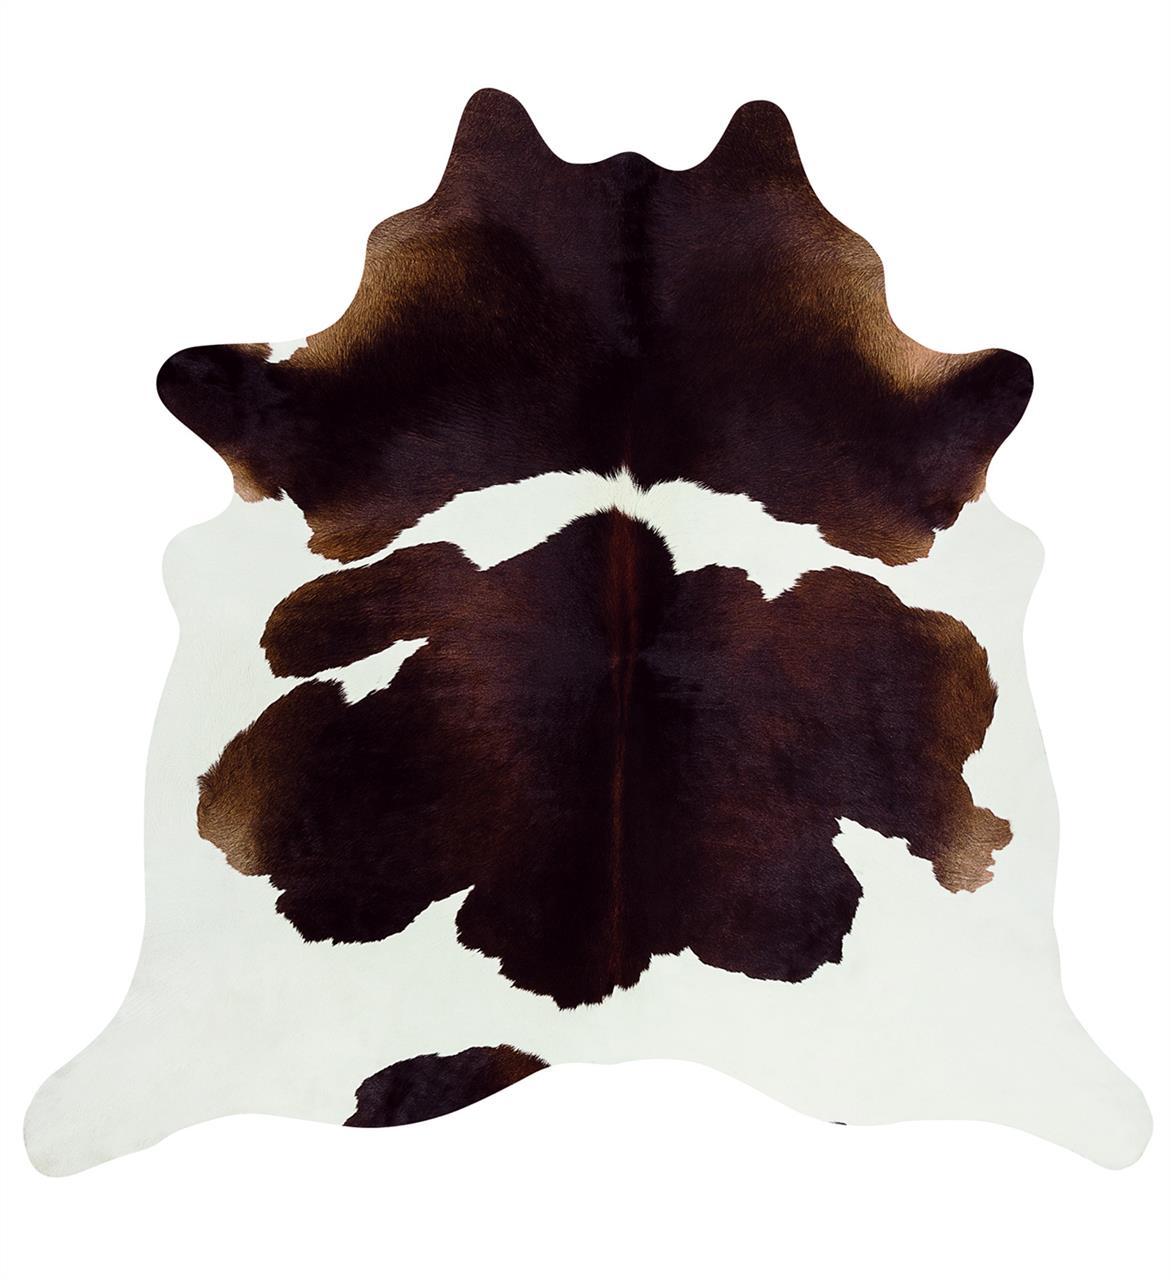 Hovězí kožešina černobílá REDDISH